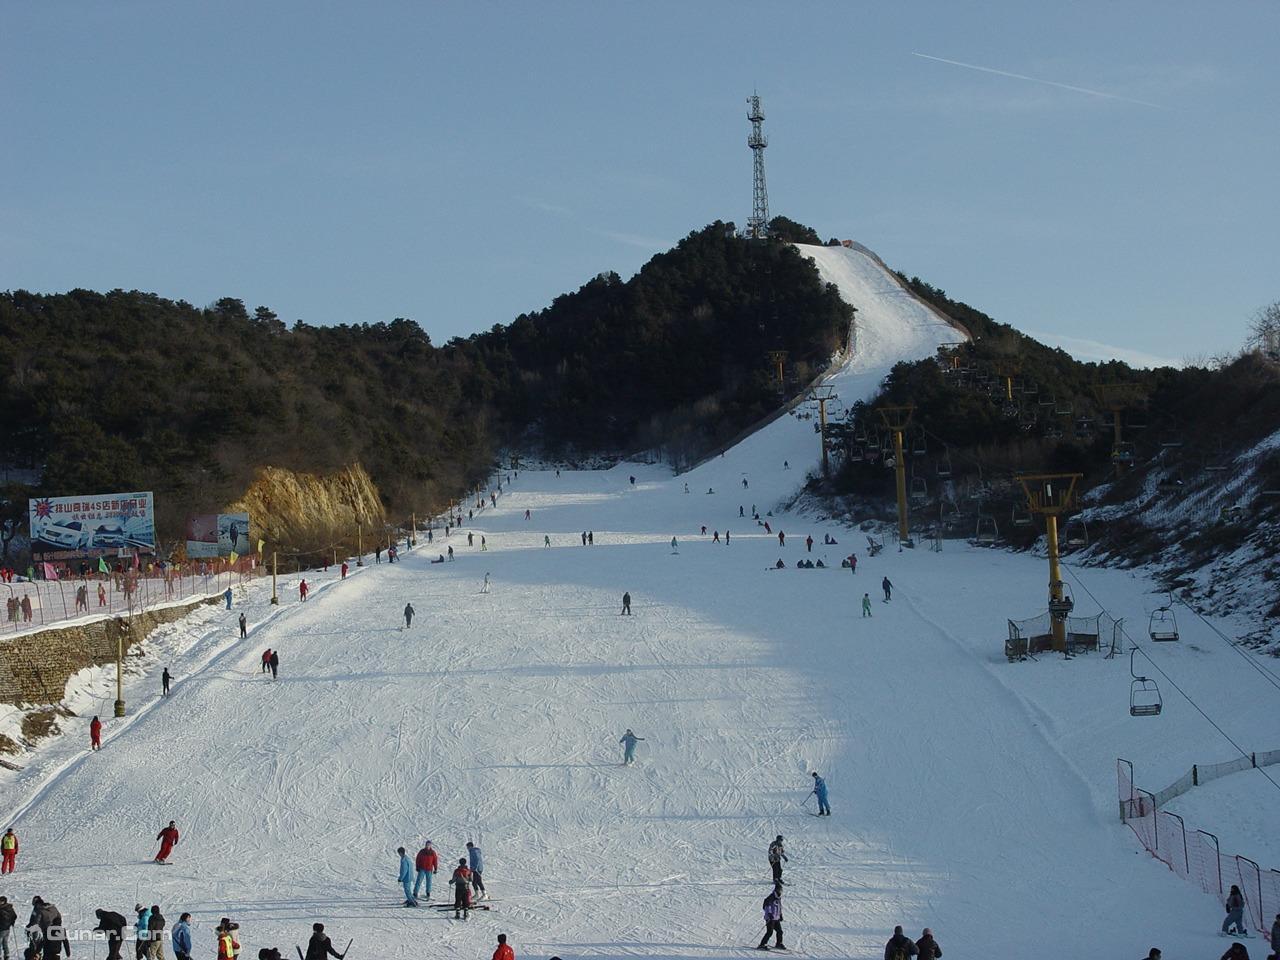 天津周边滑雪推荐_天津旅游地点_天津周边1日复级卡刻口袋妖怪攻略图片